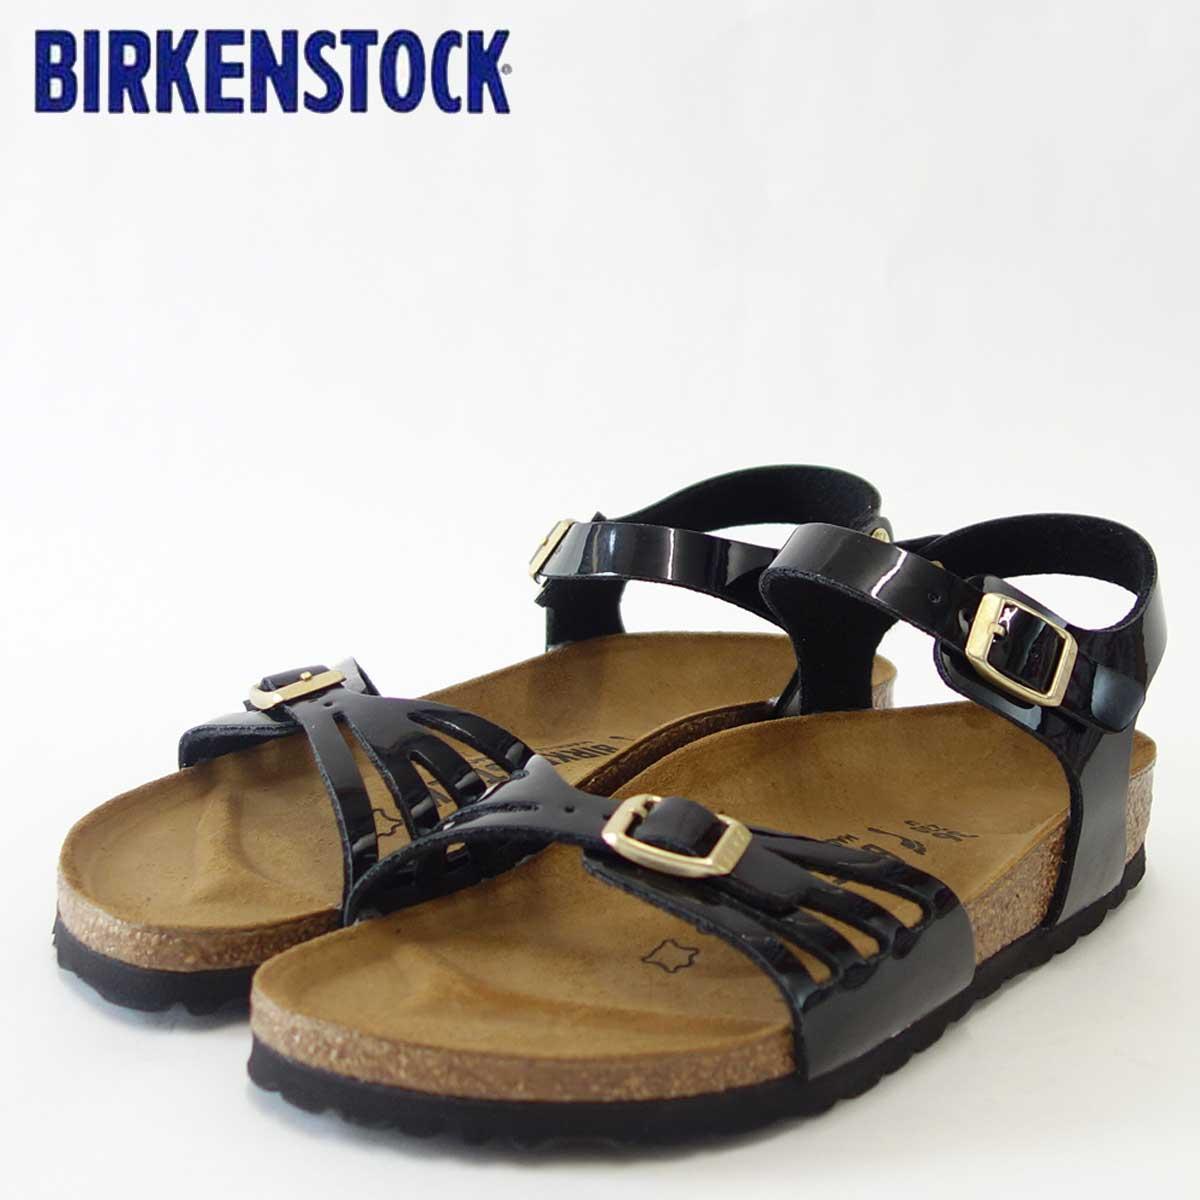 BIRKENSTOCK(ビルケンシュトック) Bali(バリ)GC 1006179(ビルコフローパテント/ブラック)ドイツ生まれの快適サンダル「靴」